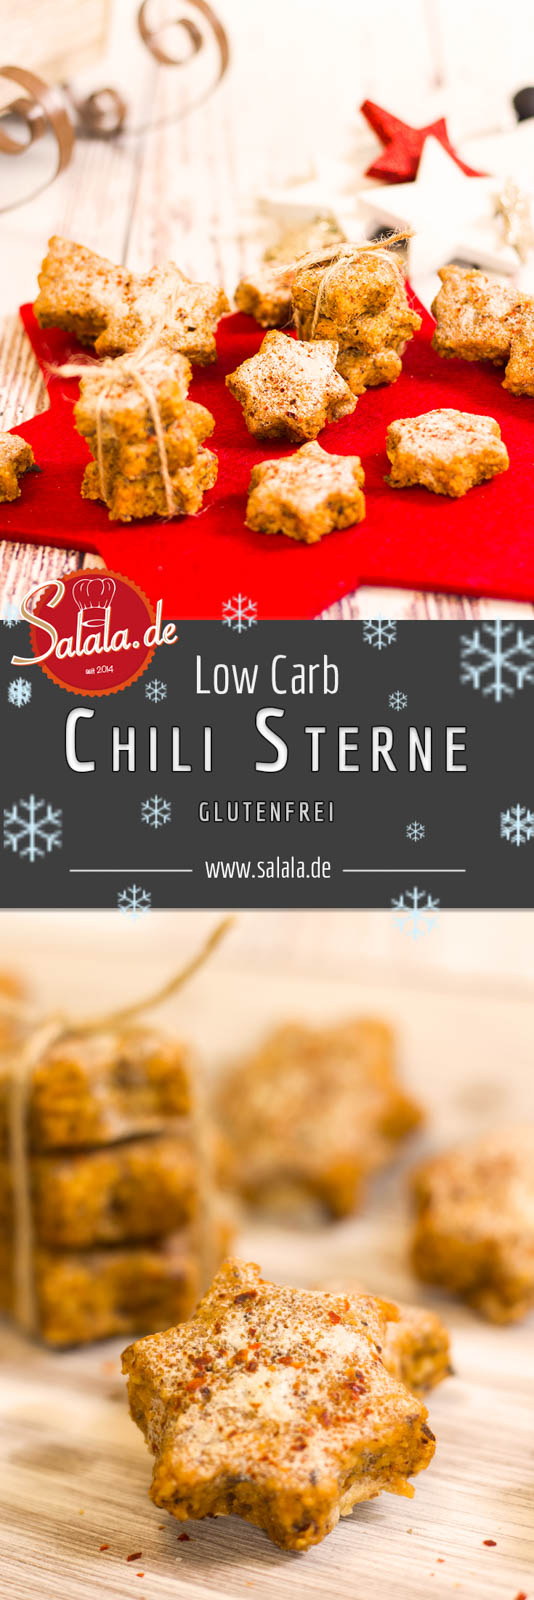 Low Carb Chilisterne - by salala.de - Chilisterne wie Zimtsterne Backen ohne Mehl Backen ohne Zucker mehlfrei zuckerfrei scharf Chili glutenfrei Rezept selbst machen